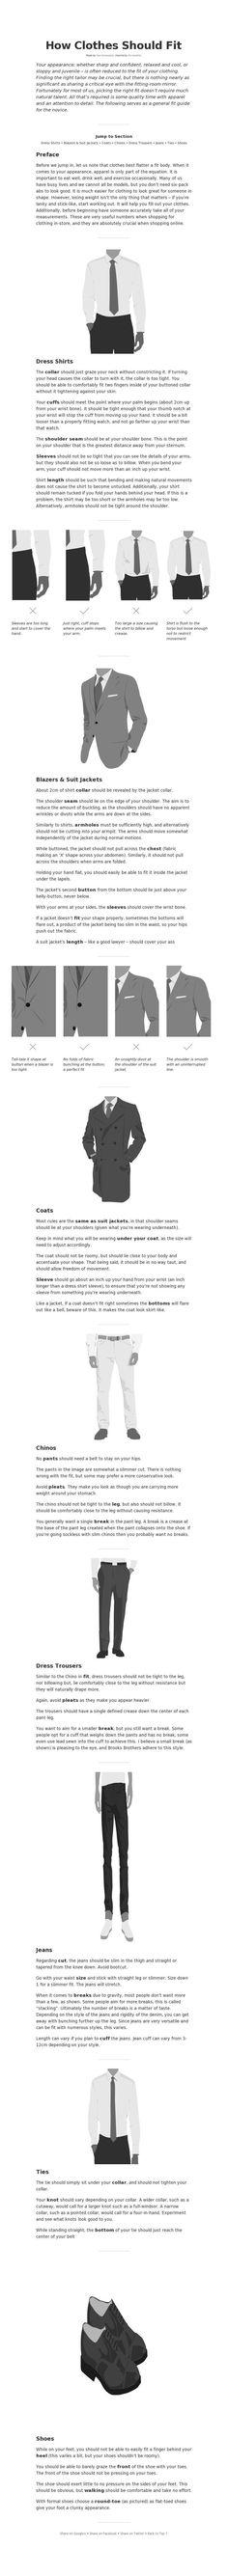 Una guía muy practica acerca de como comprar ropa.  How clothes should fit.